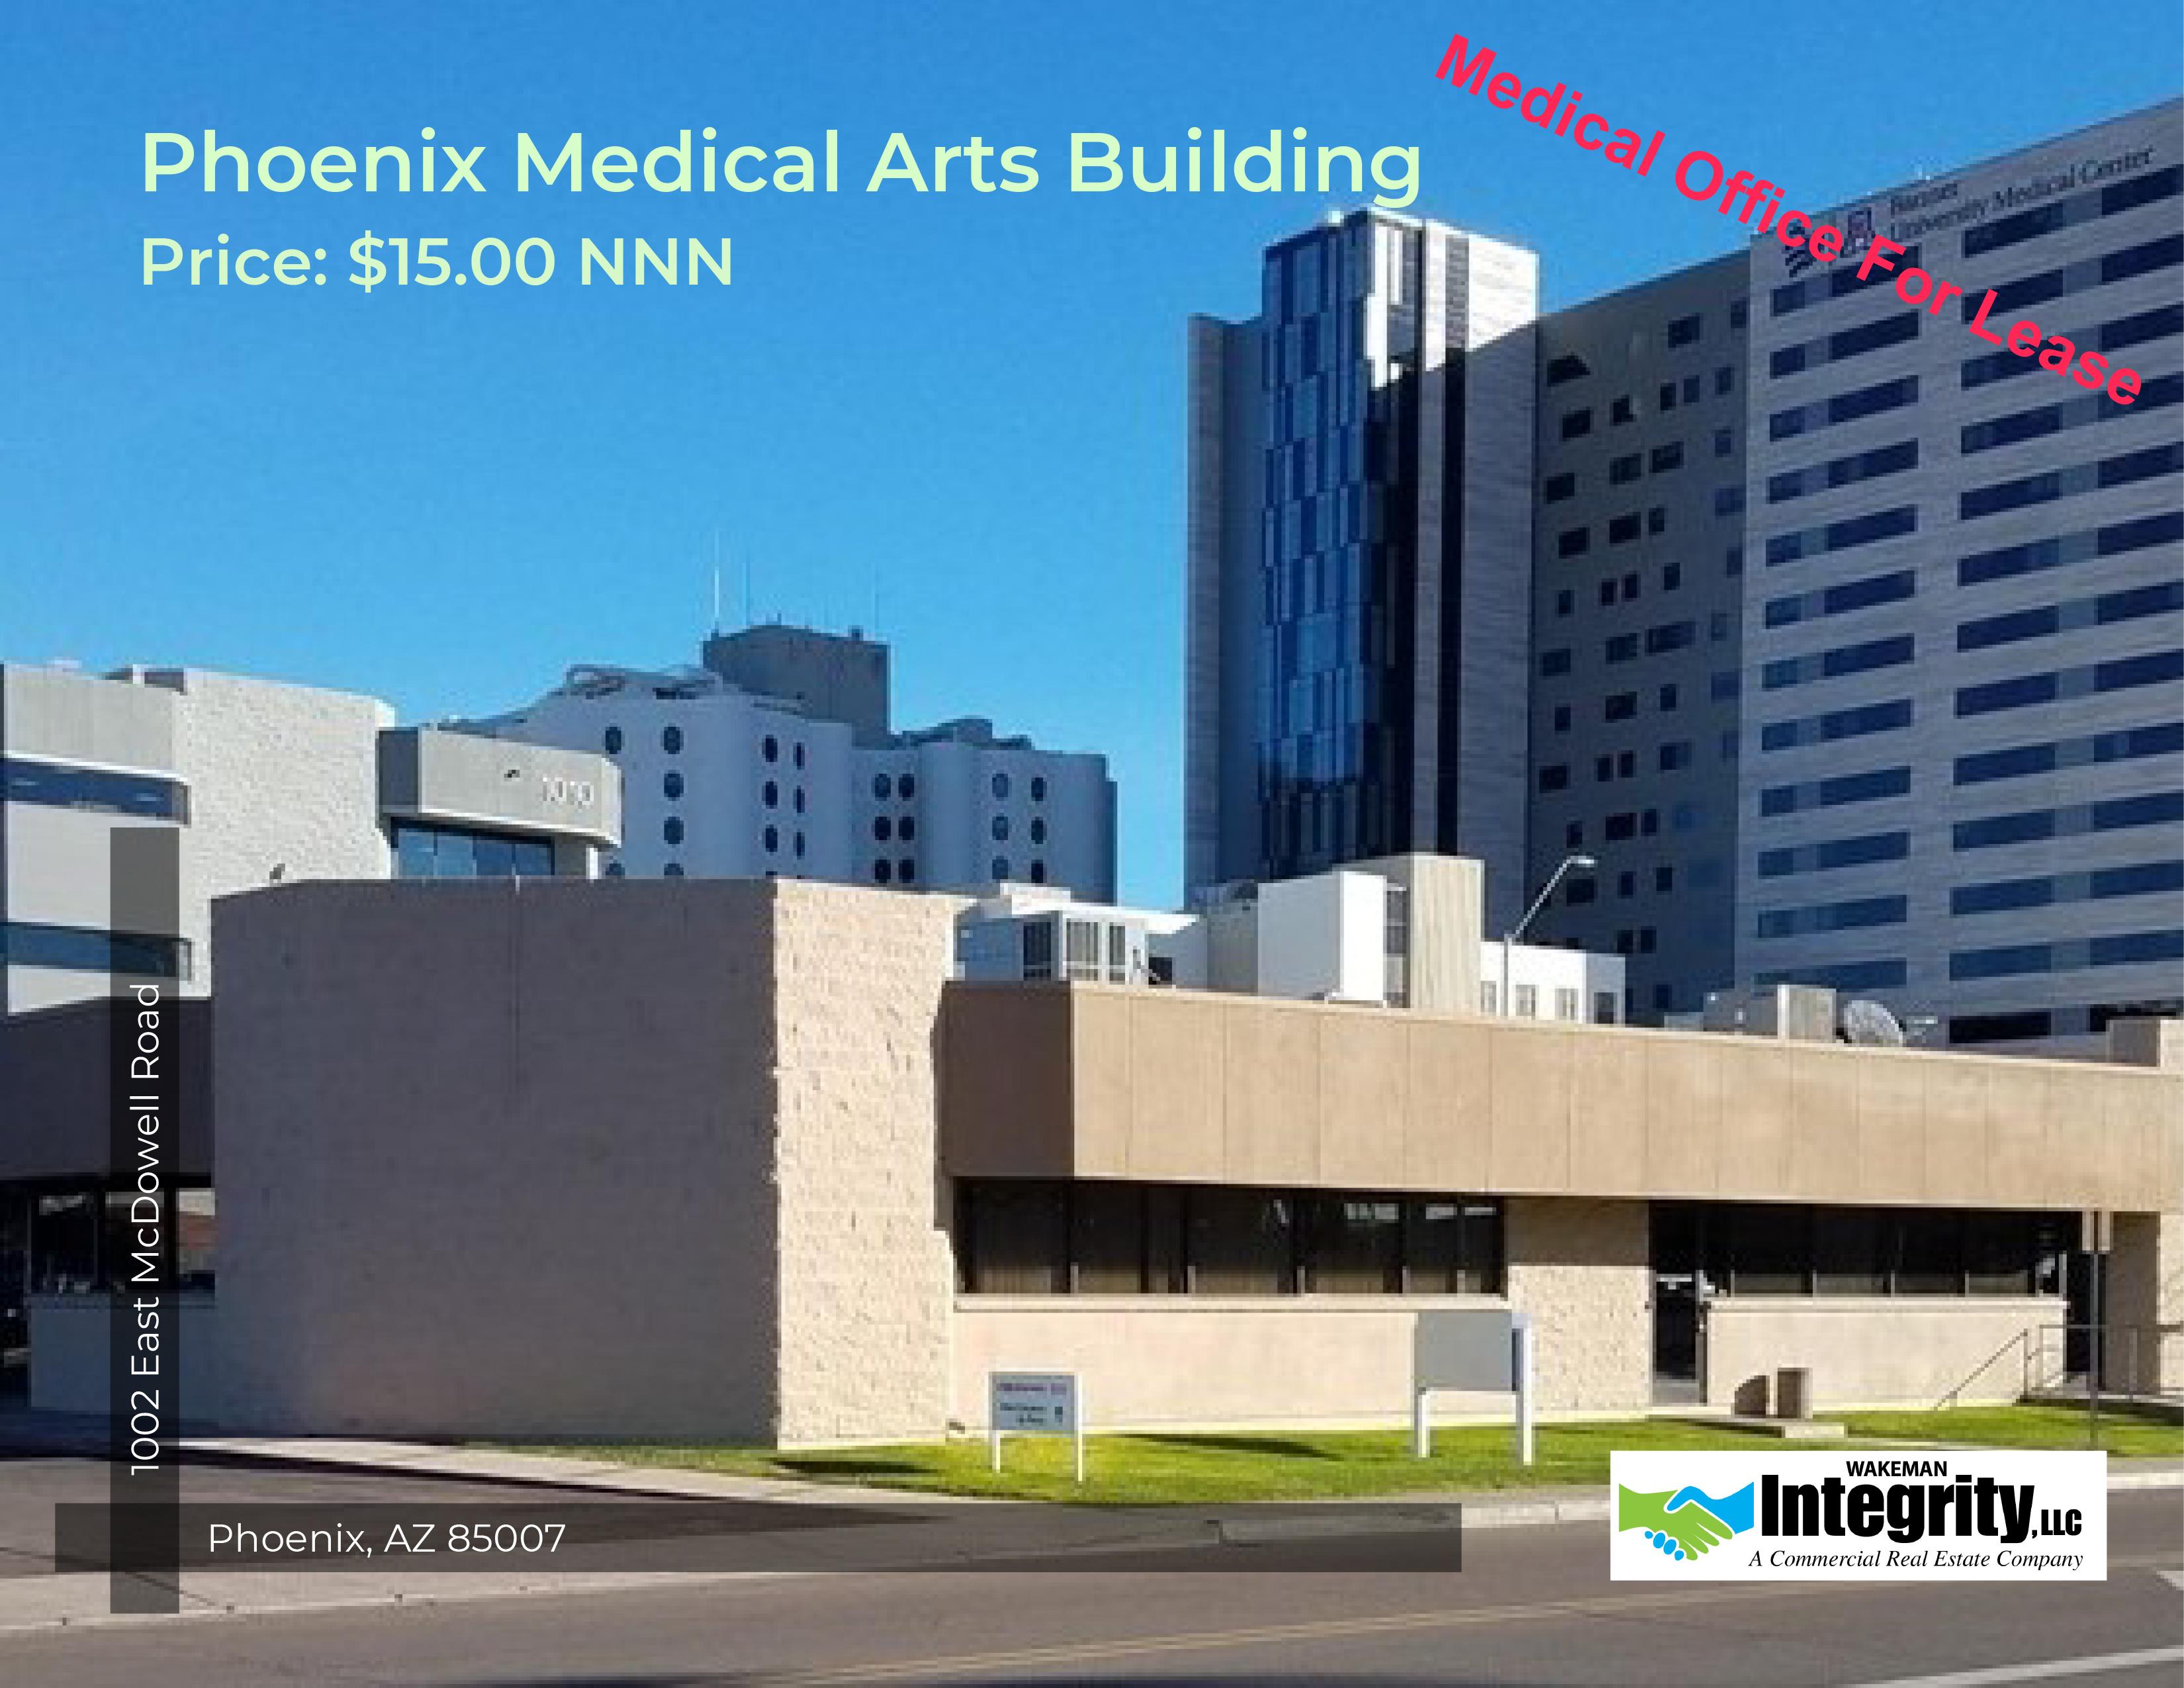 Phoenix Medical Arts Building